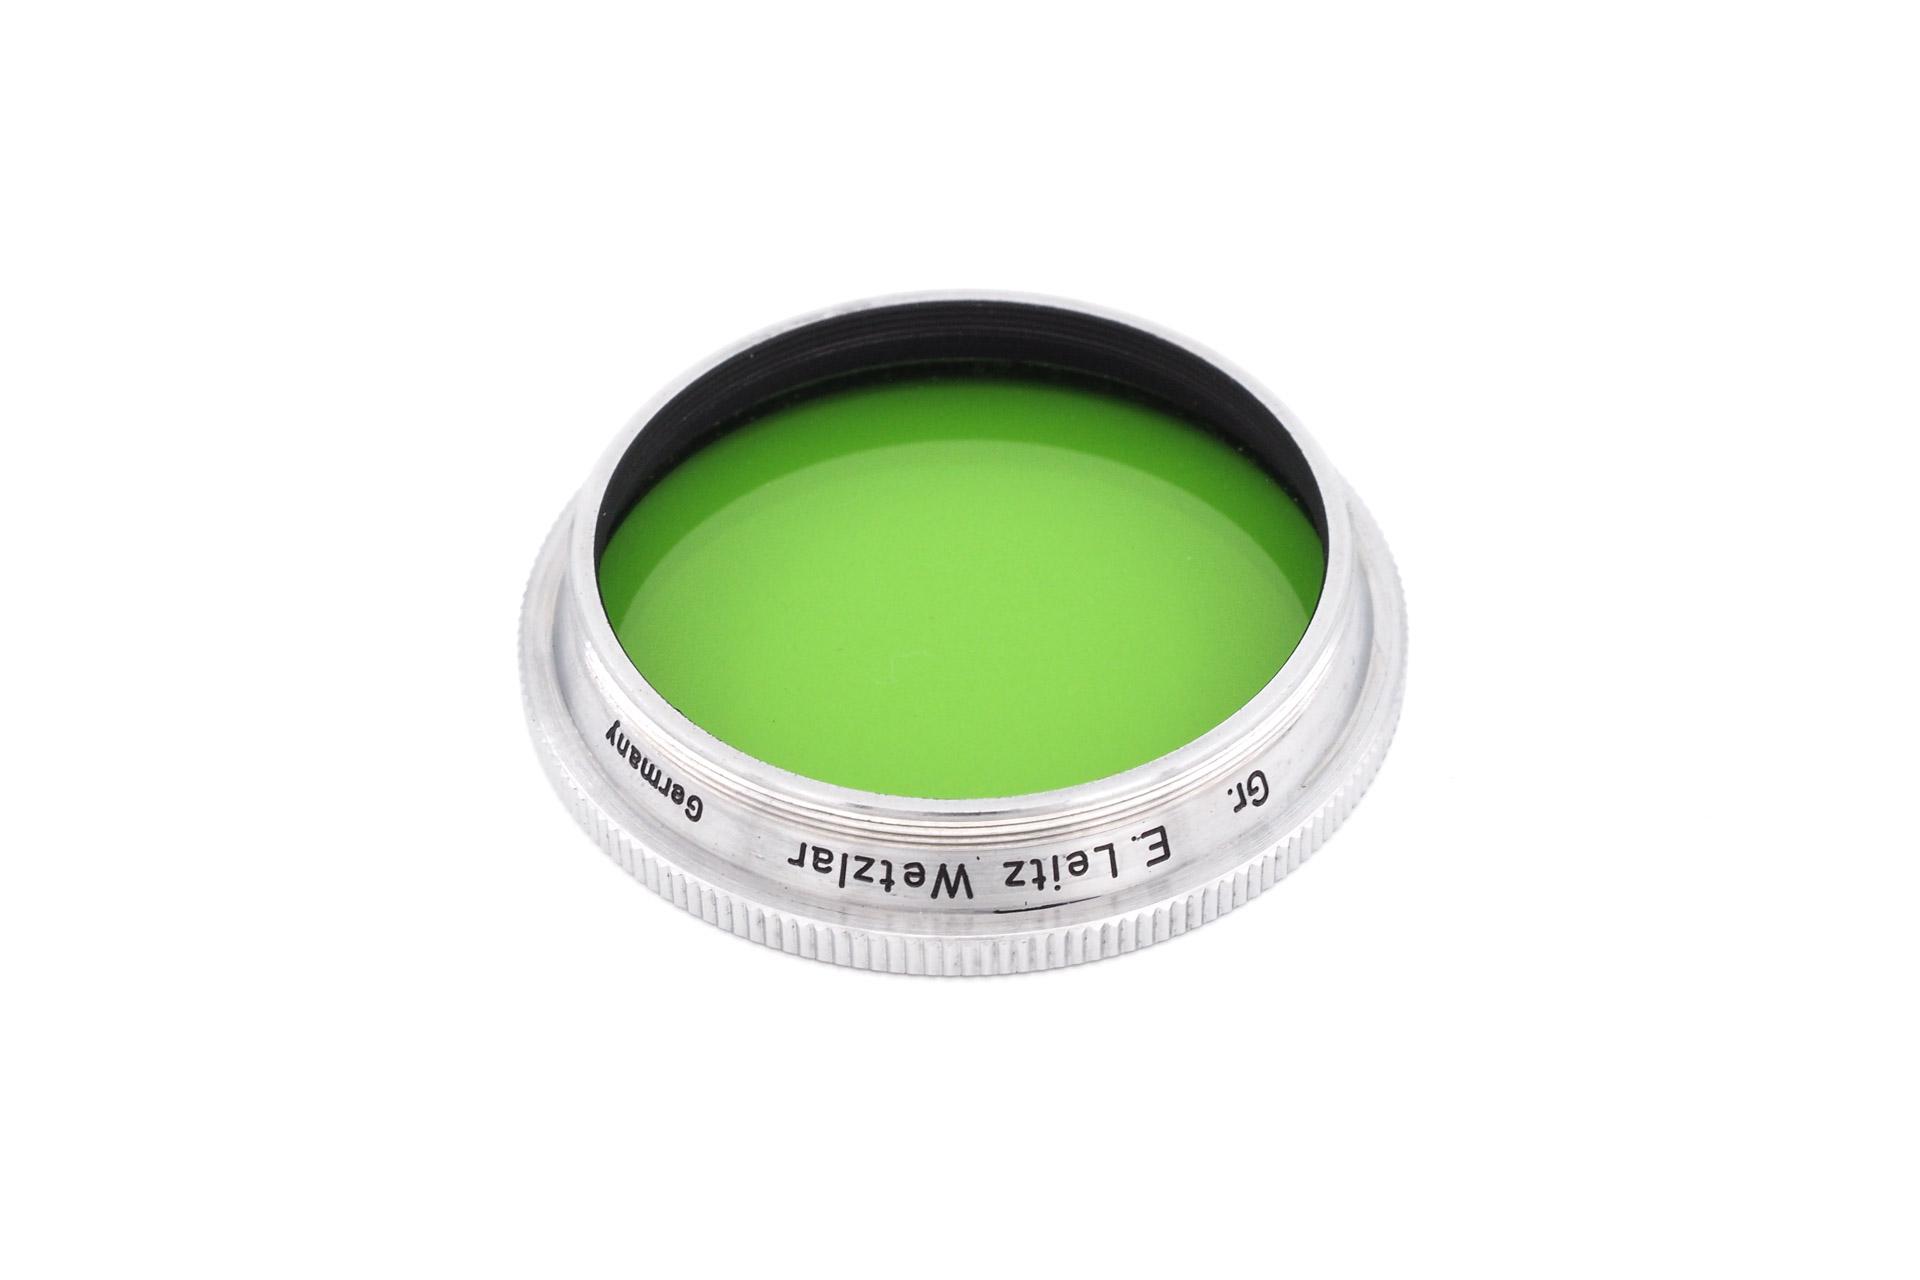 Leitz Summitar Filter Grün GCYOO